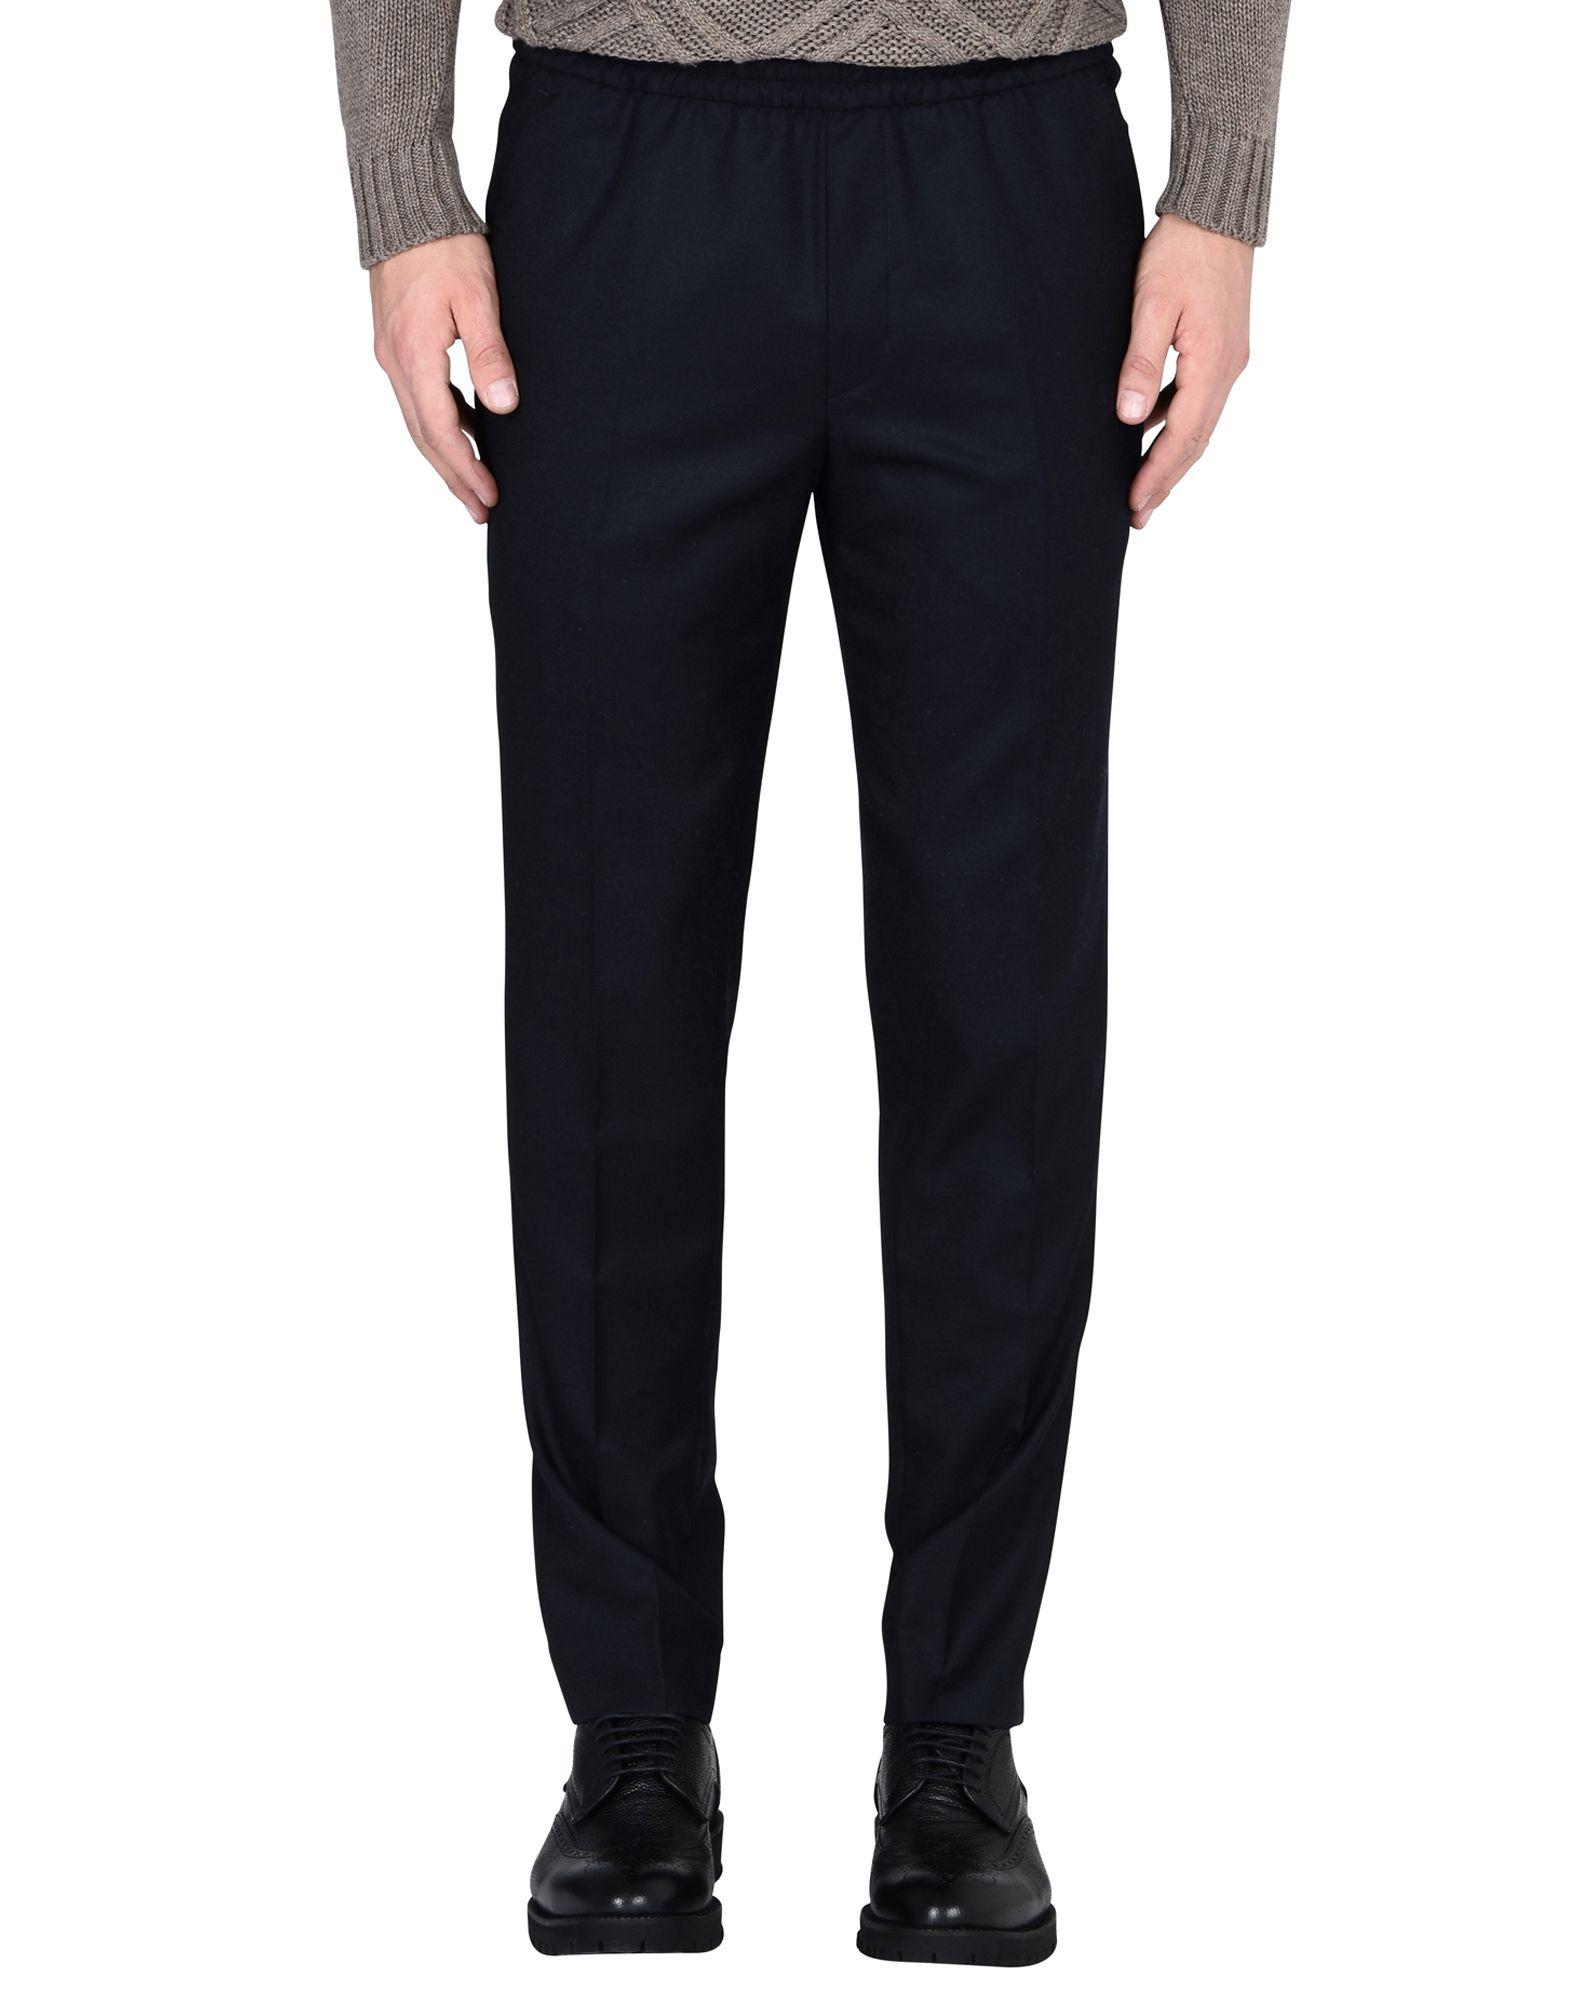 Pantalone Harmony Paris Uomo - Acquista online su